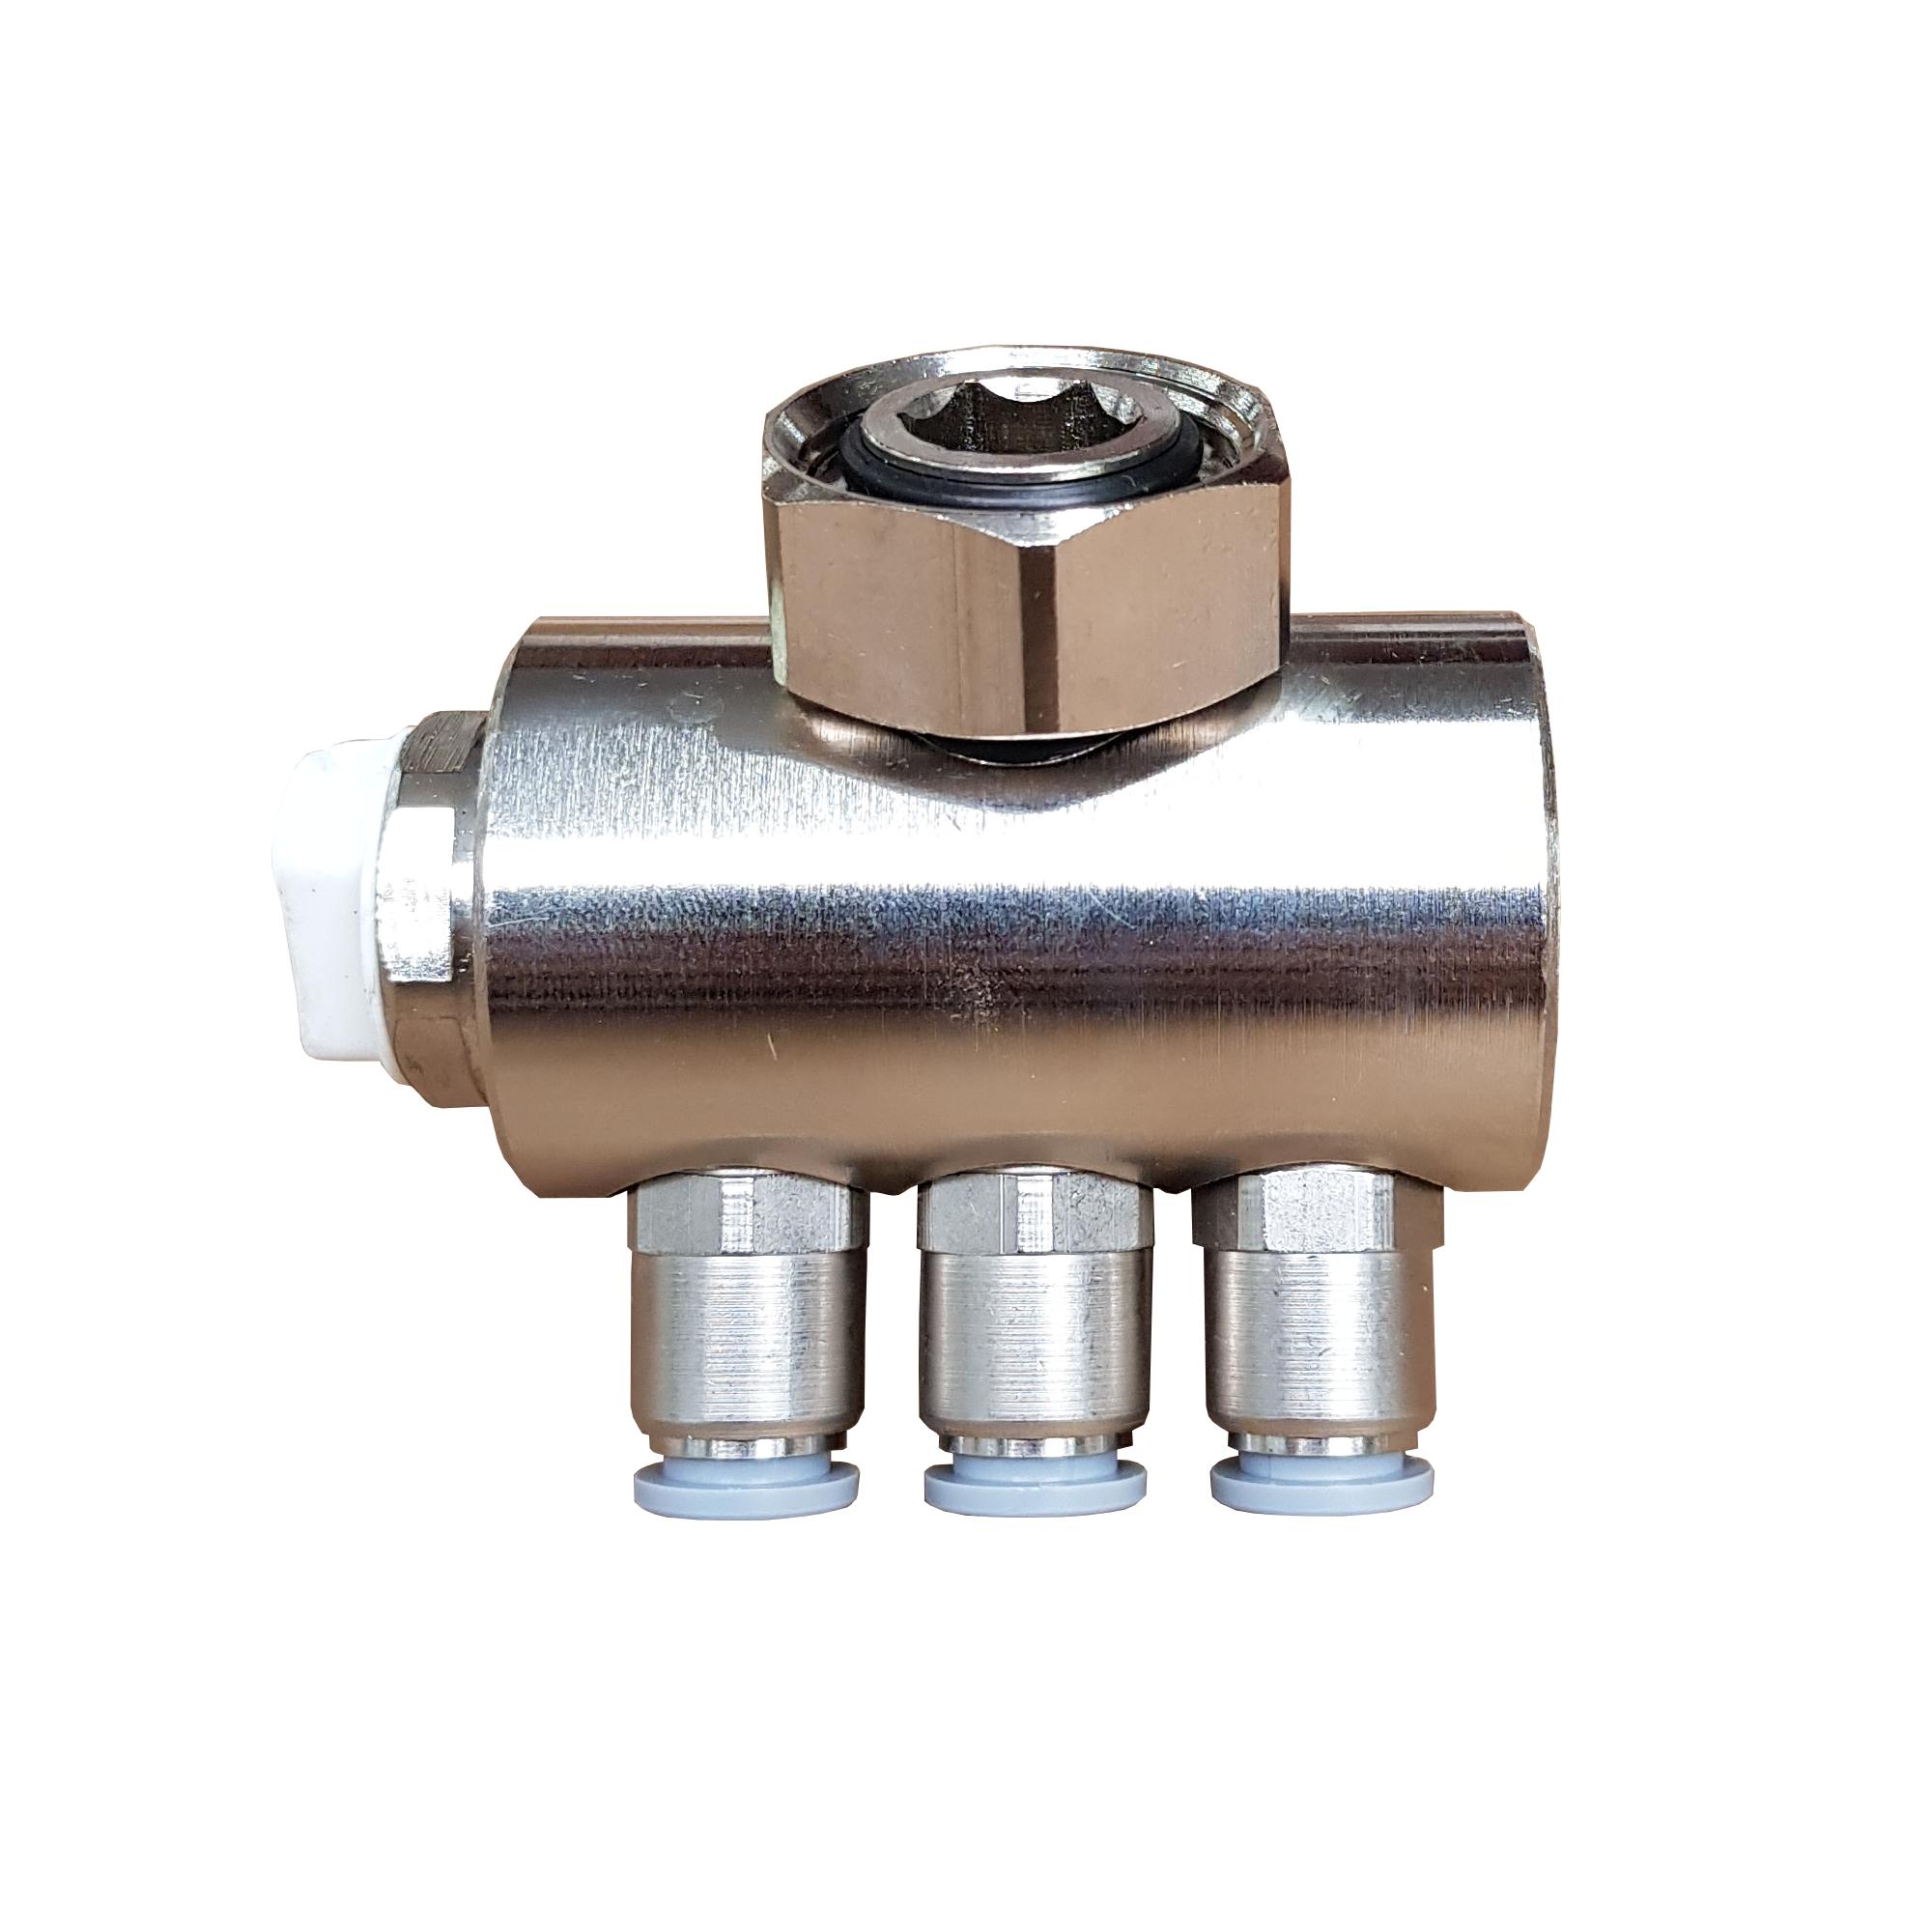 Jollytherm 10101 Aquaheat Verteilerfinger f/ür Doppelrohr Warmwasser Fu/ßbodenheizungen